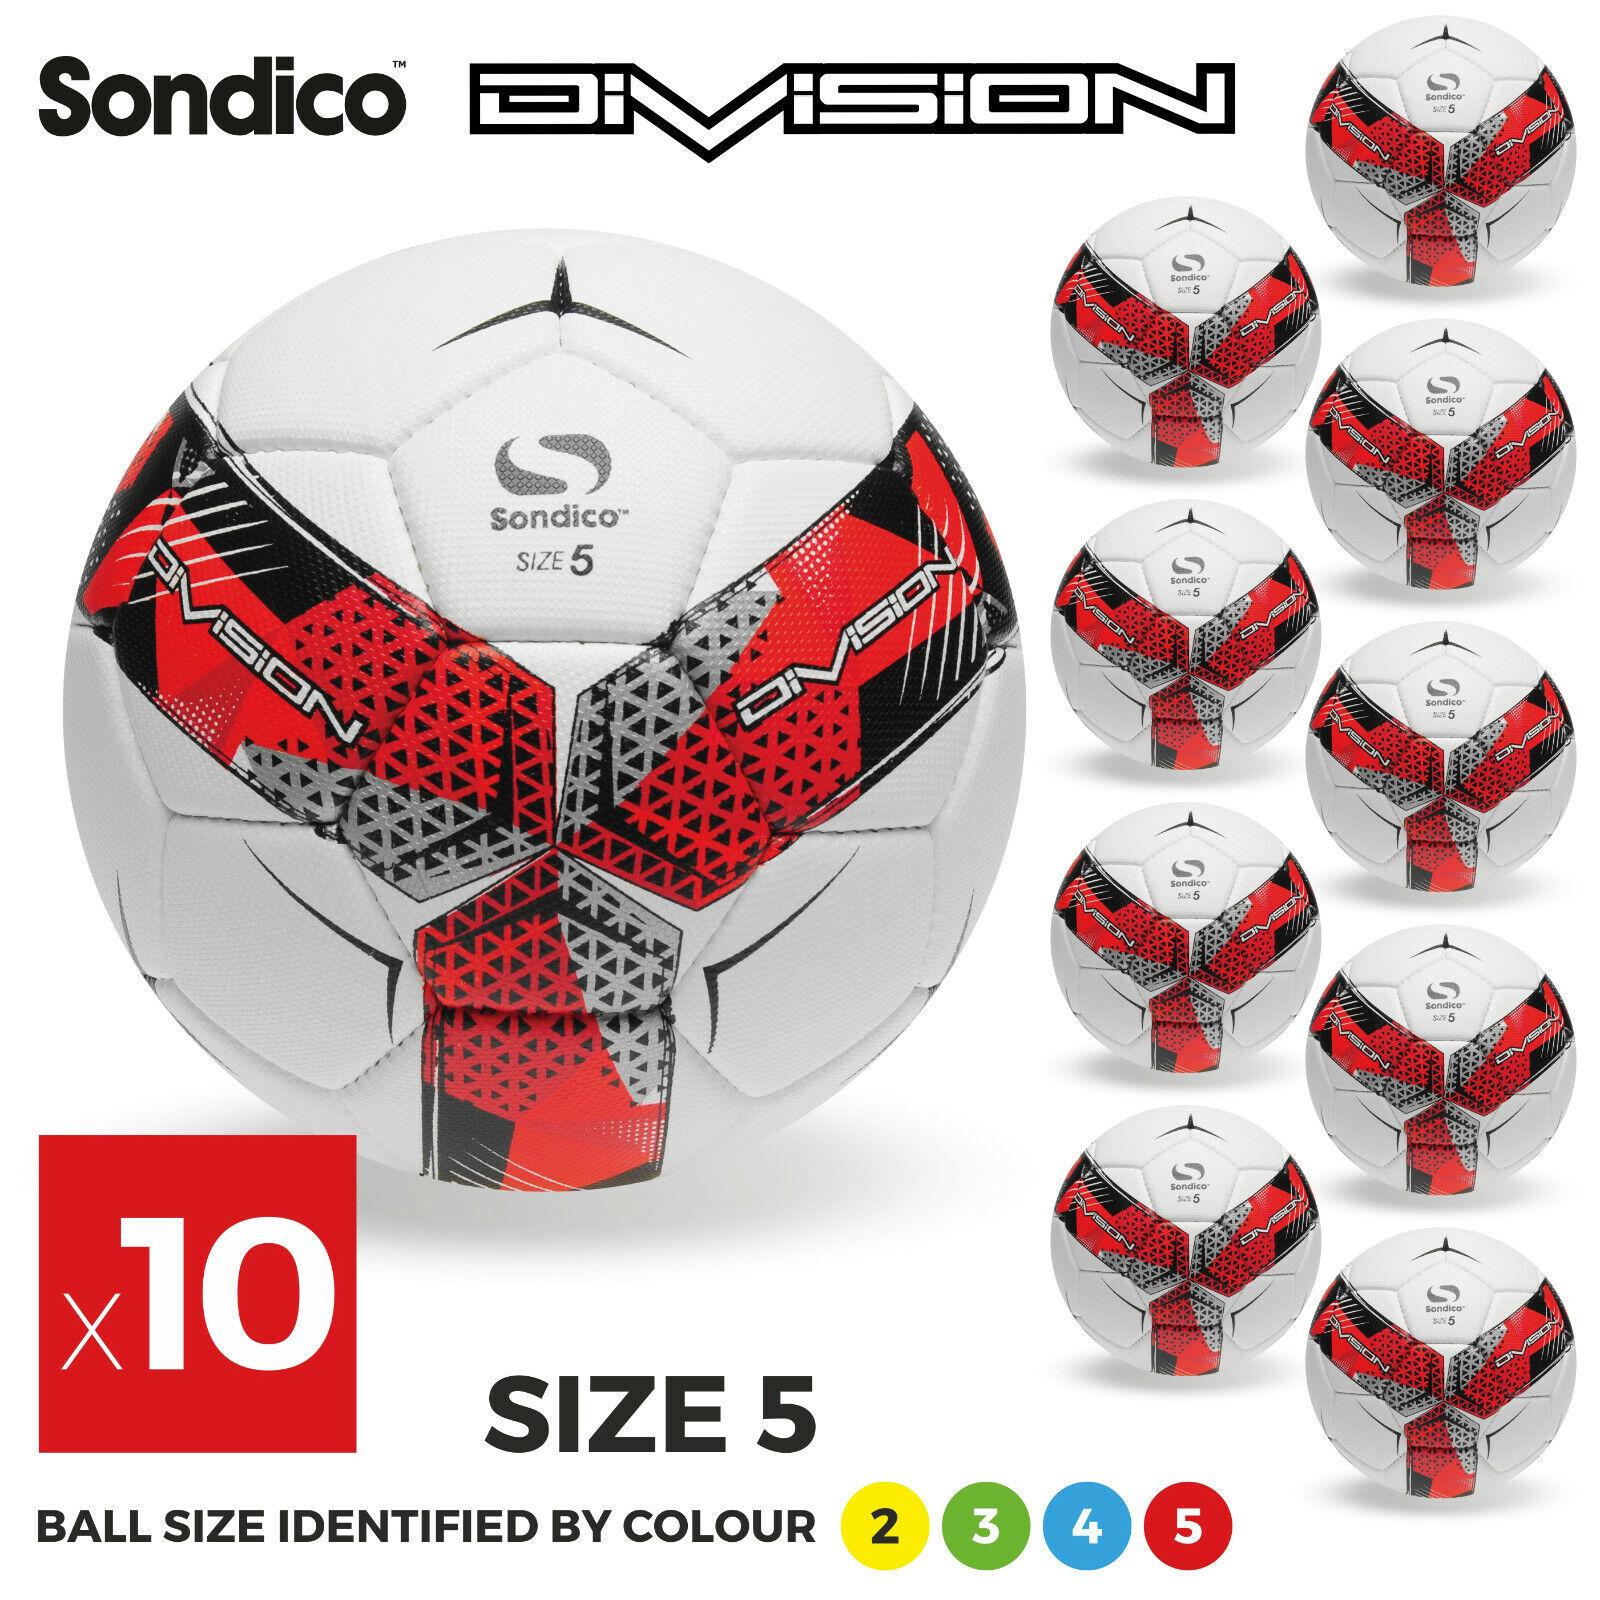 10 x Sondico Divisione formazione PALLONI-dimensioni 2, 3, 4 & 5-Nuovo di Zecca